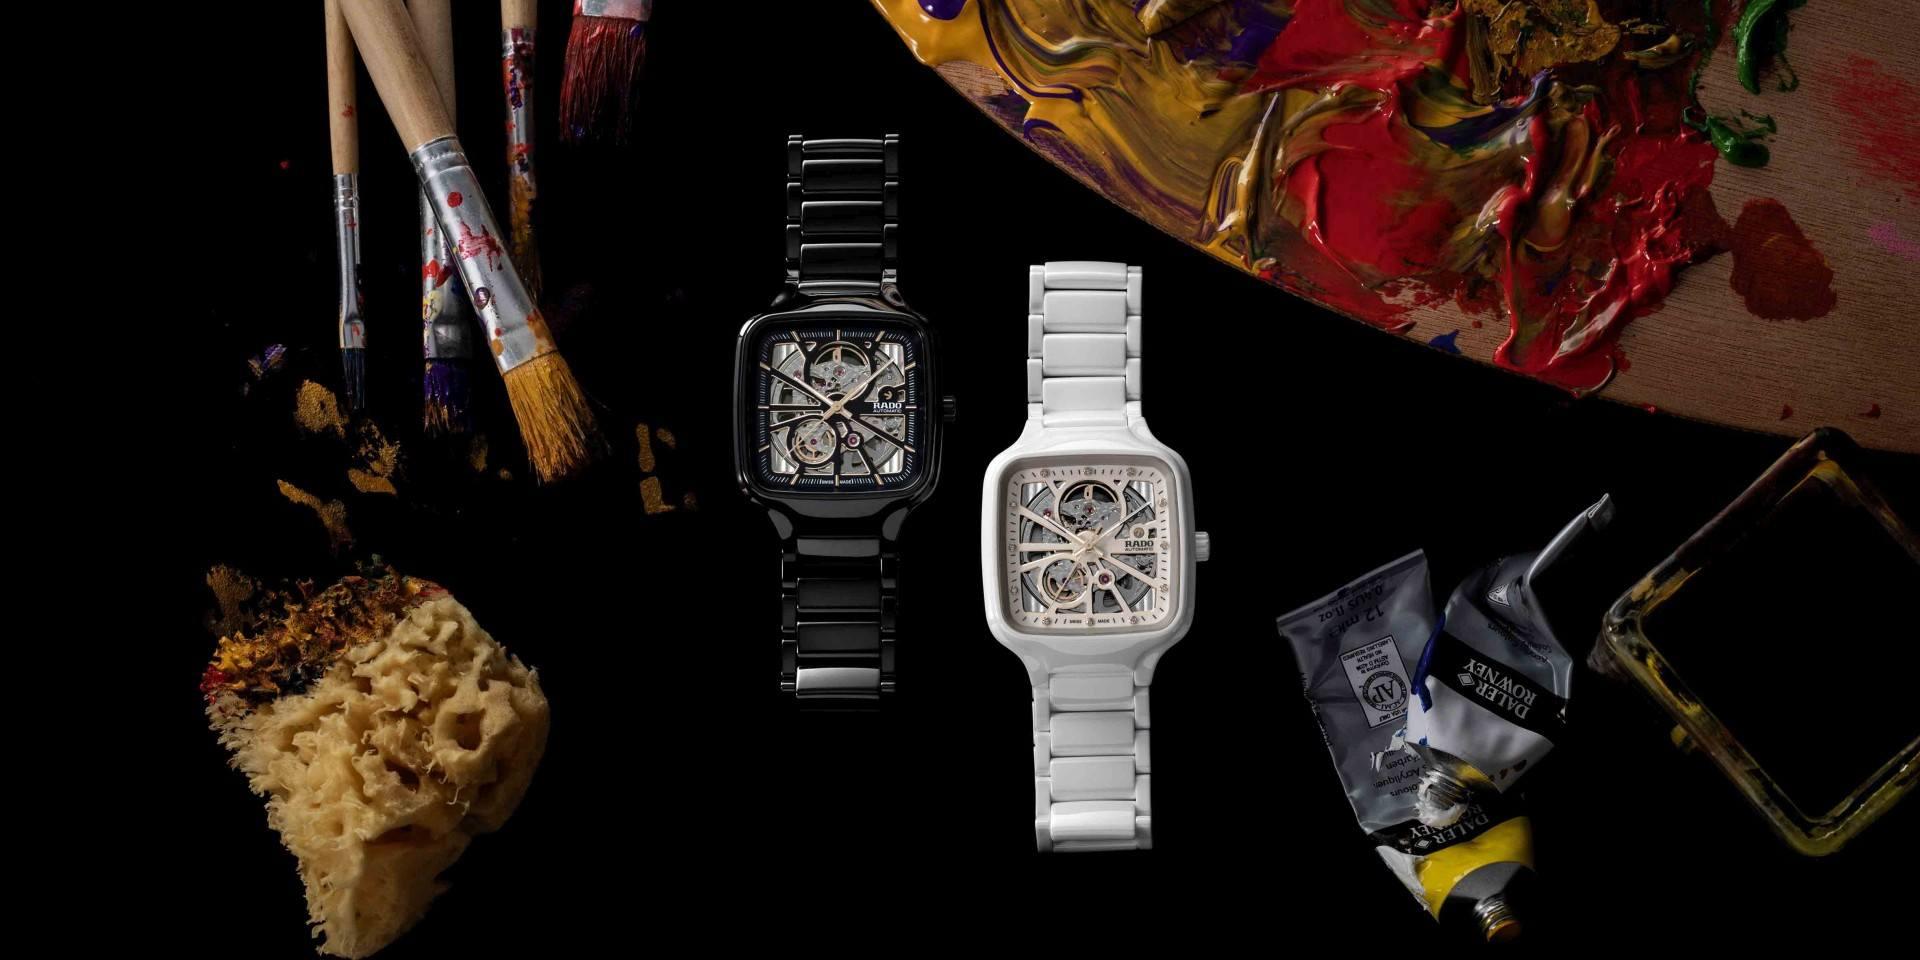 盡情感受方形腕錶的輕盈律動:Rado True Square高科技陶瓷鏤空自動腕錶